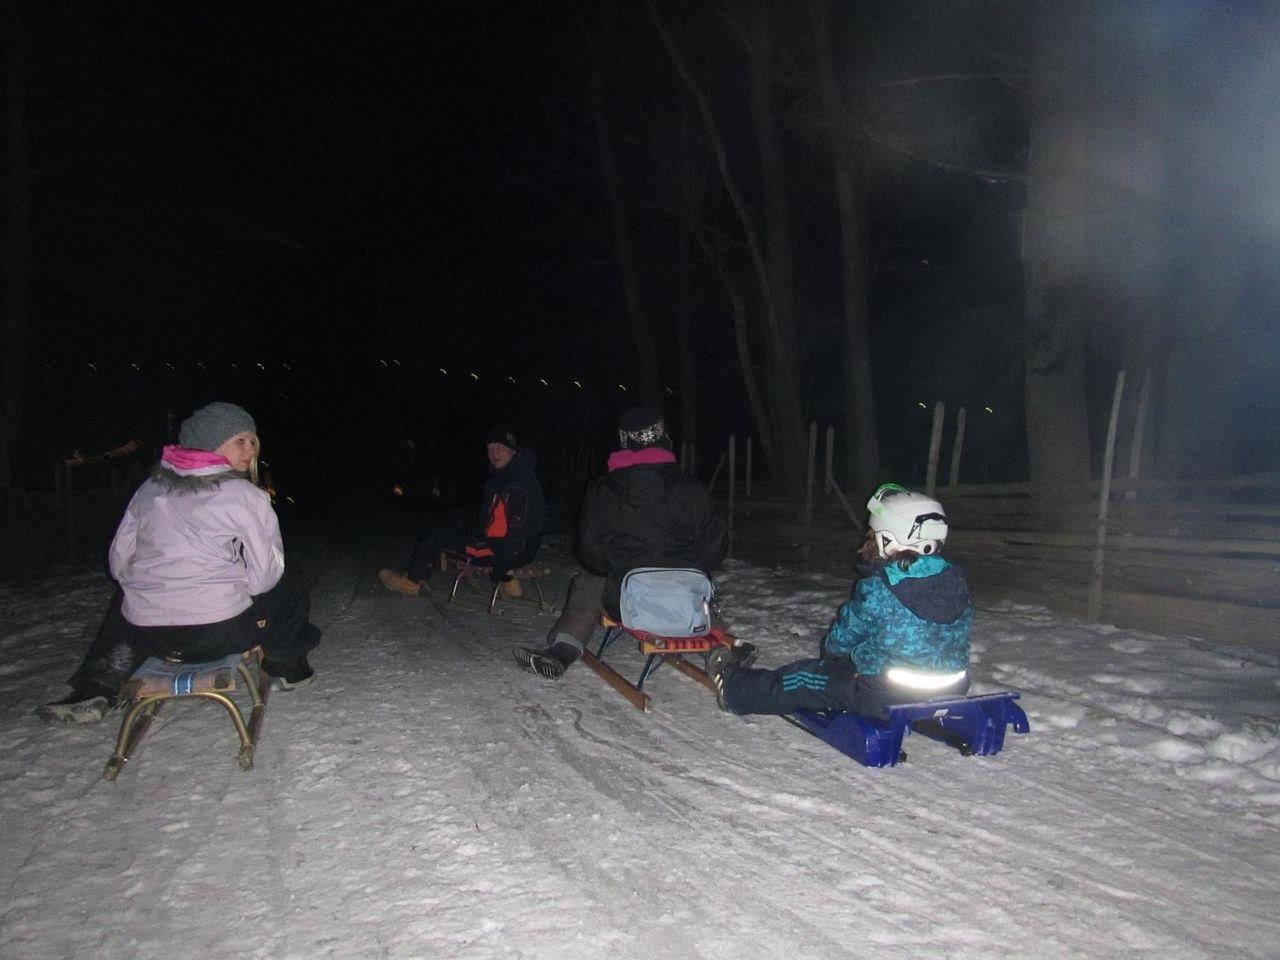 schneeschuhwandernrodelnkrntenstoswaldunterwirthttn-2_18